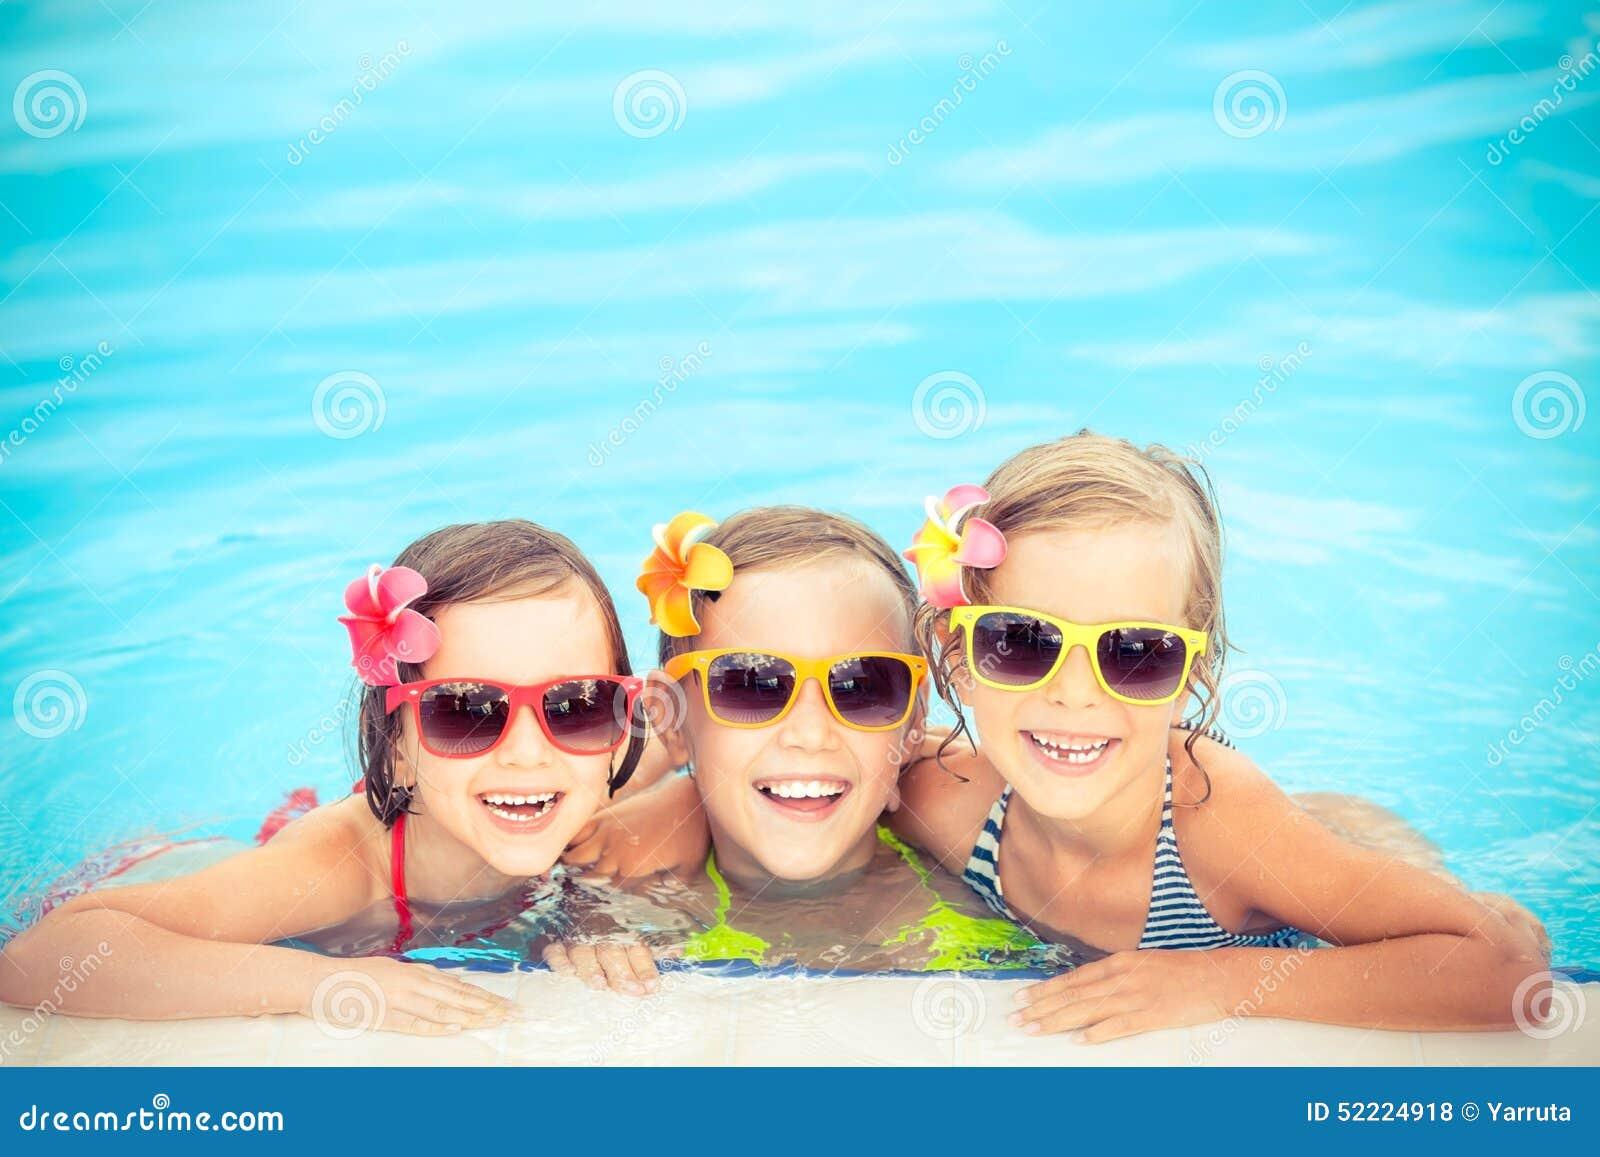 Ni os felices en la piscina foto de archivo imagen 52224918 for Fotos en la piscina